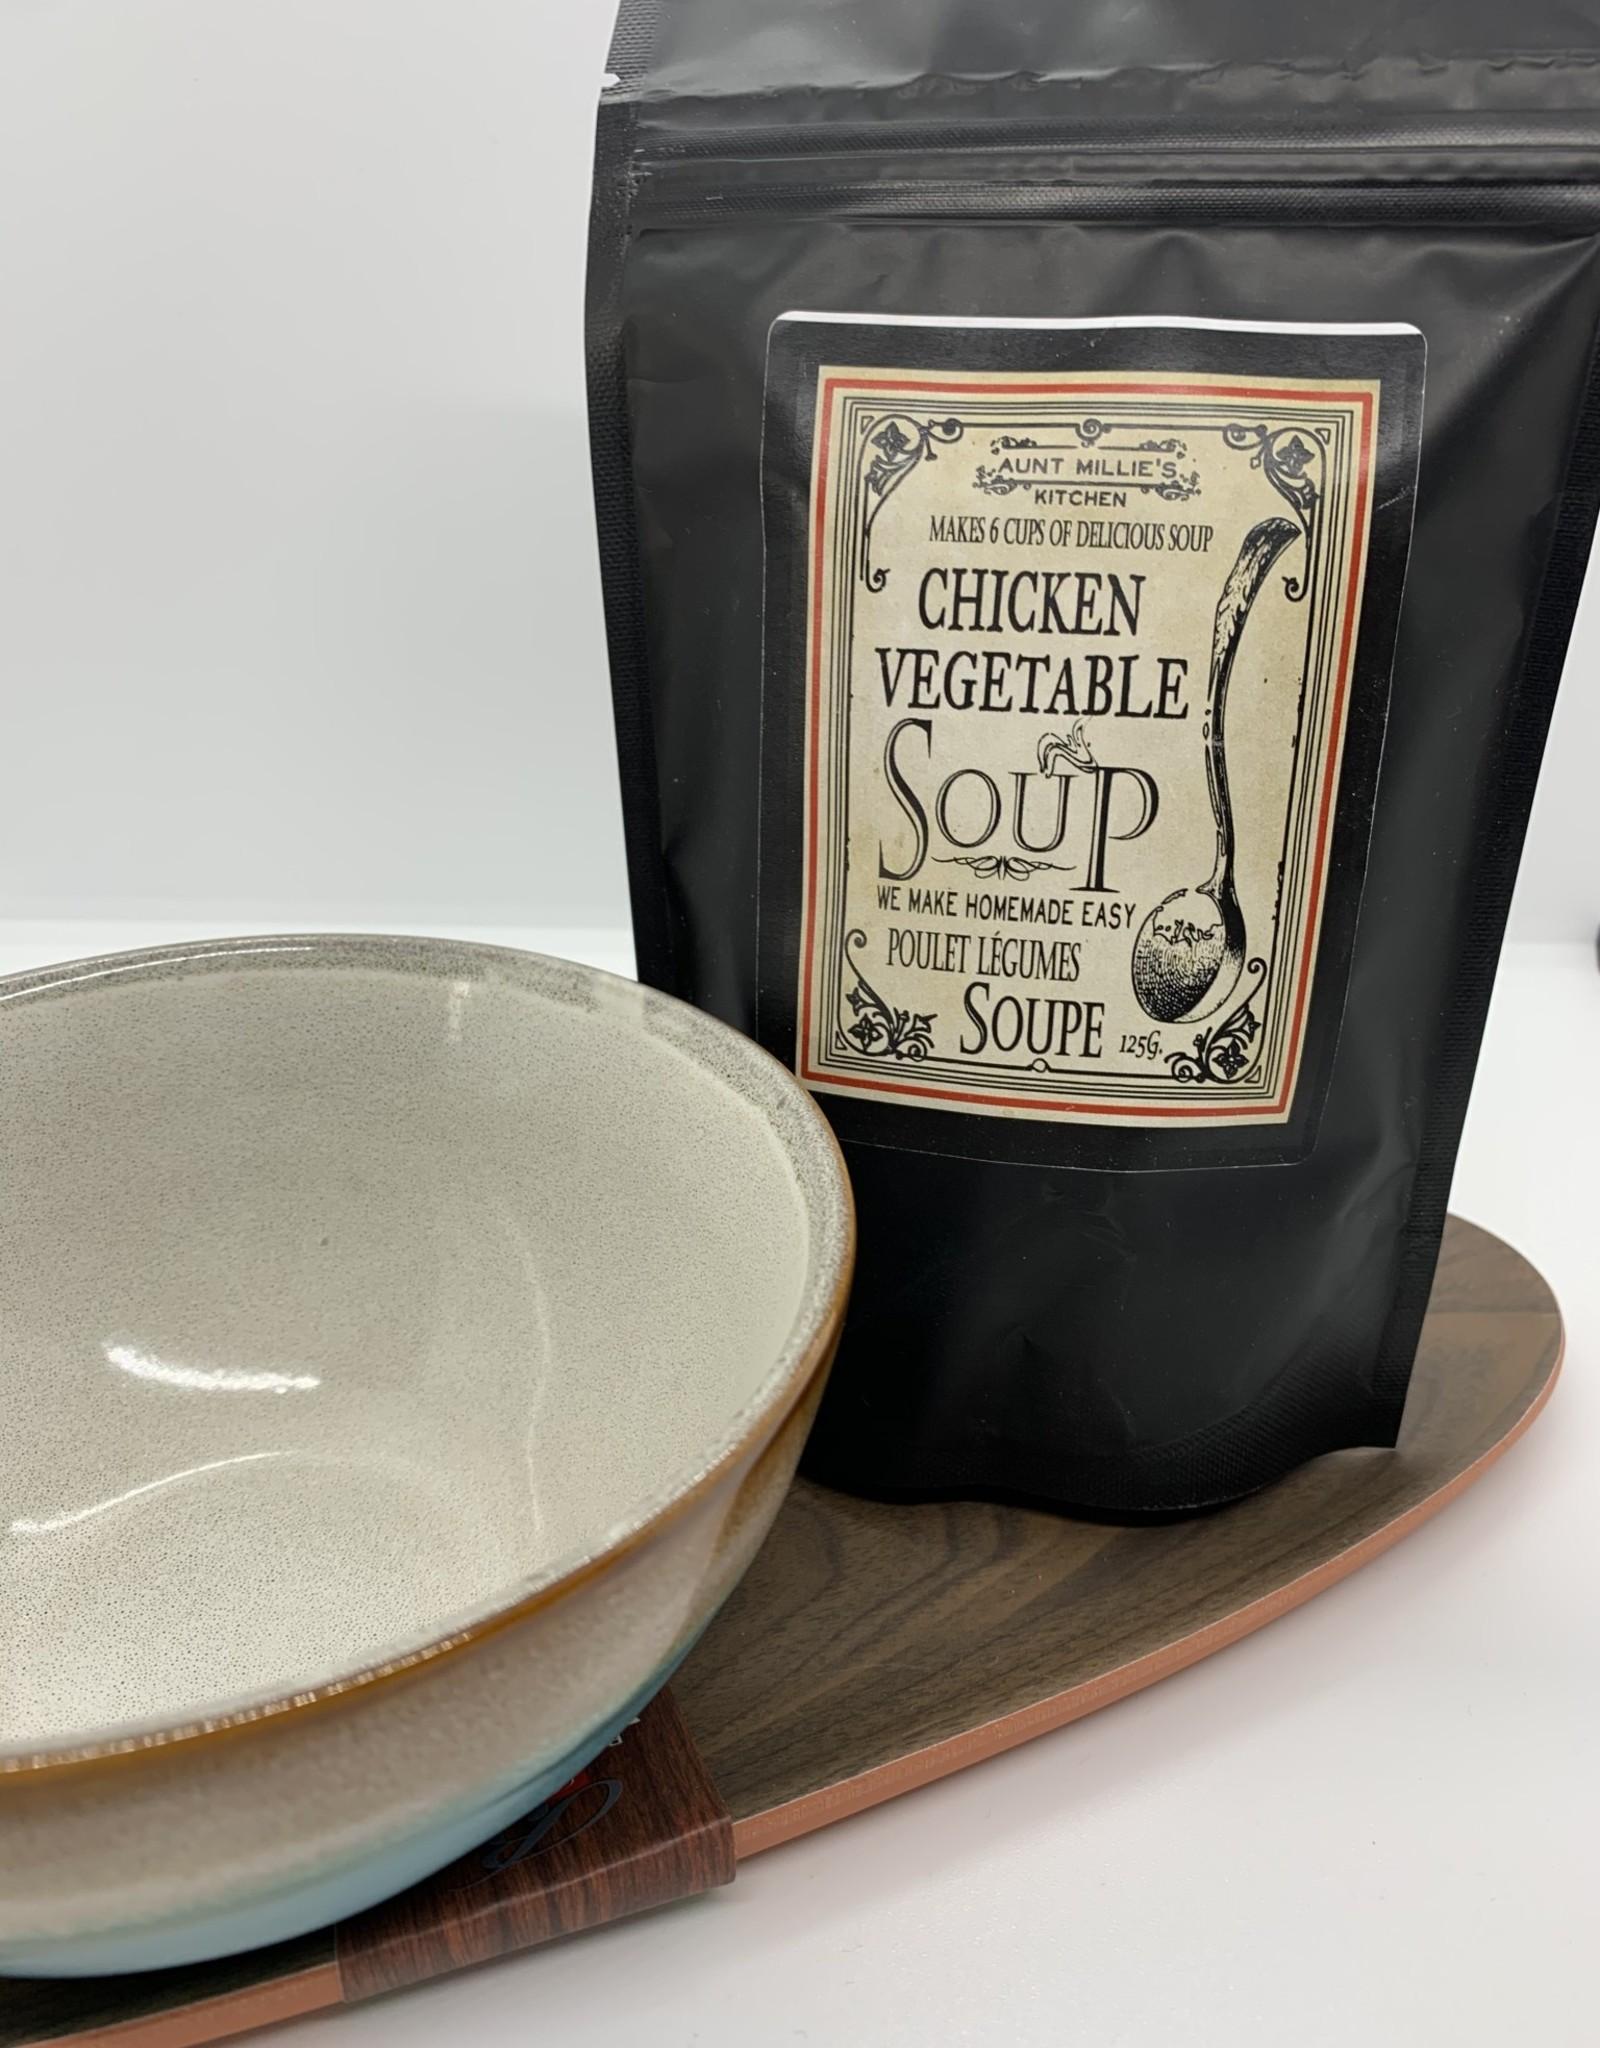 Aunt Millies Kitchen Chicken Vegetable 6 cup